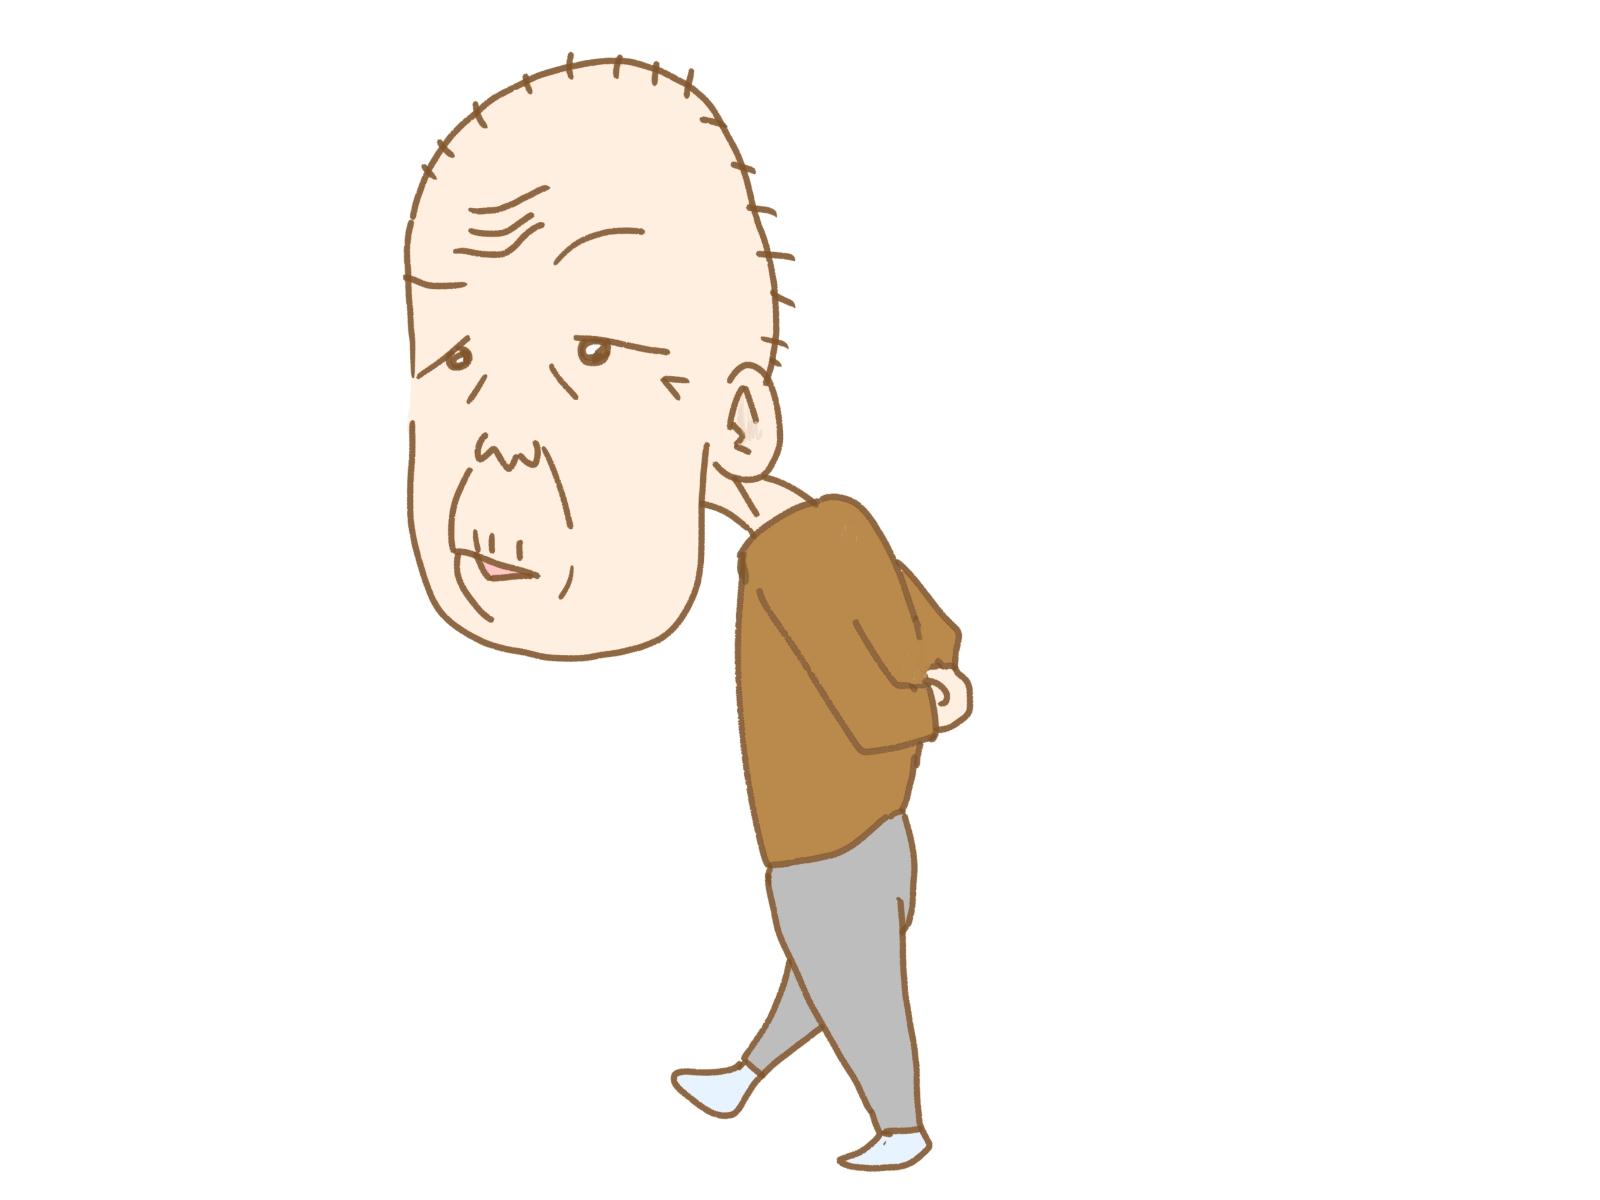 亡き妻を探すために徘徊しているアルツハイマー型認知症の男性